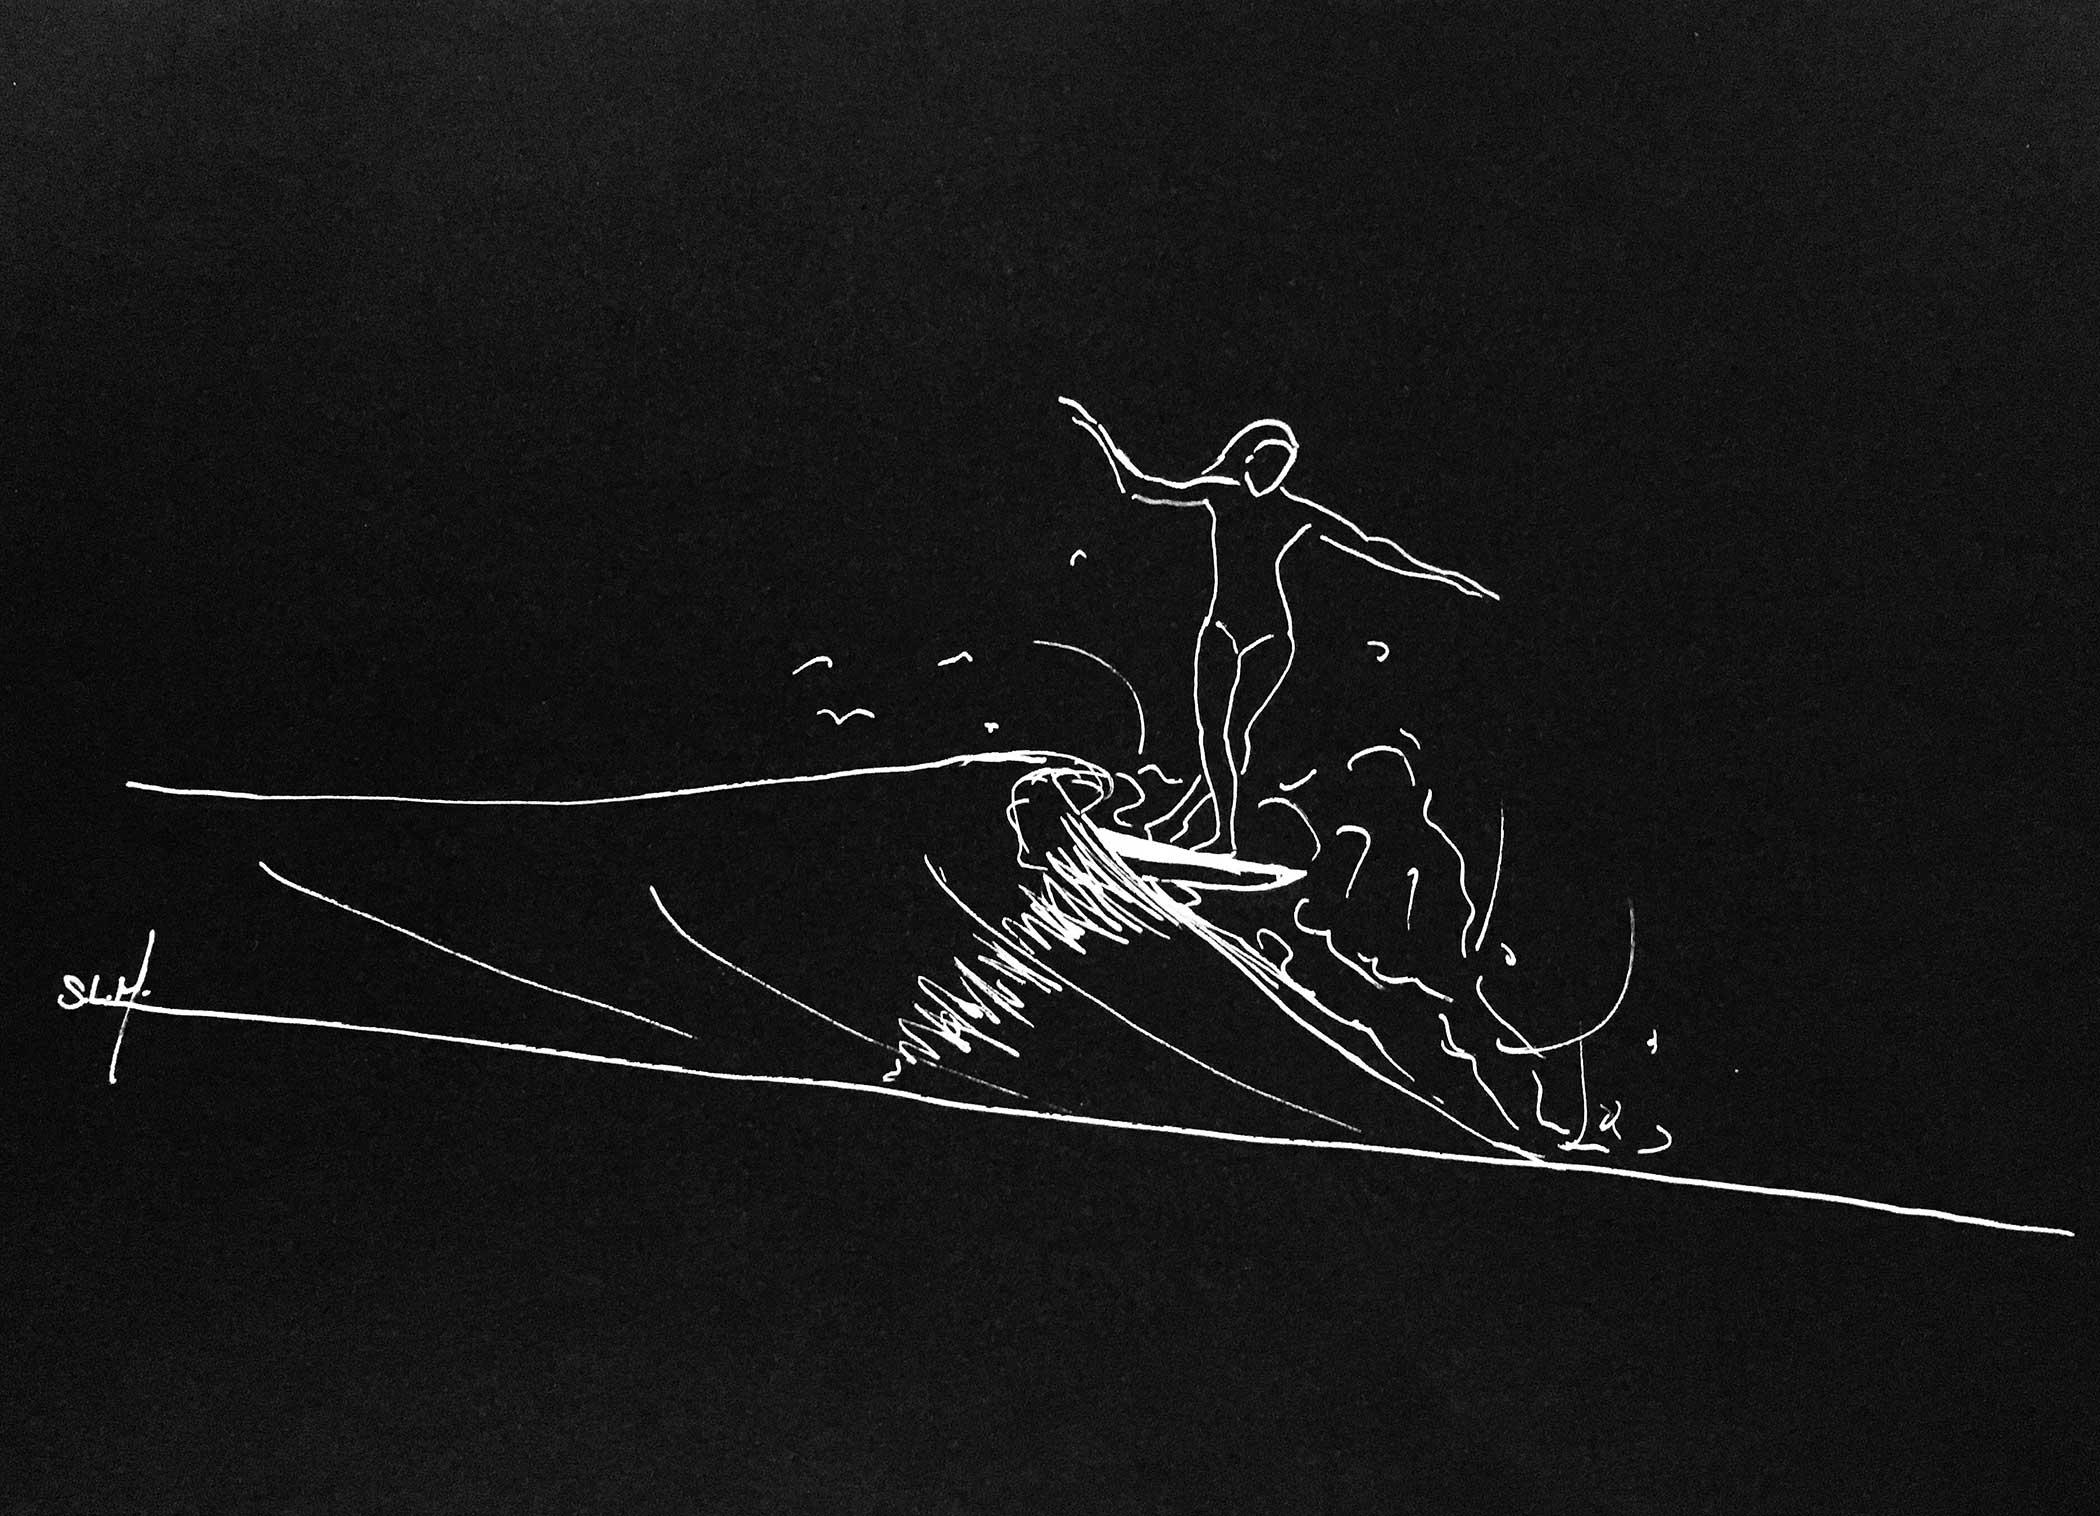 Lines Crayon Posca blanc (peinture acrylique à base d'eau) sur papier noir A5 (21cm x 14,8cm) 2018